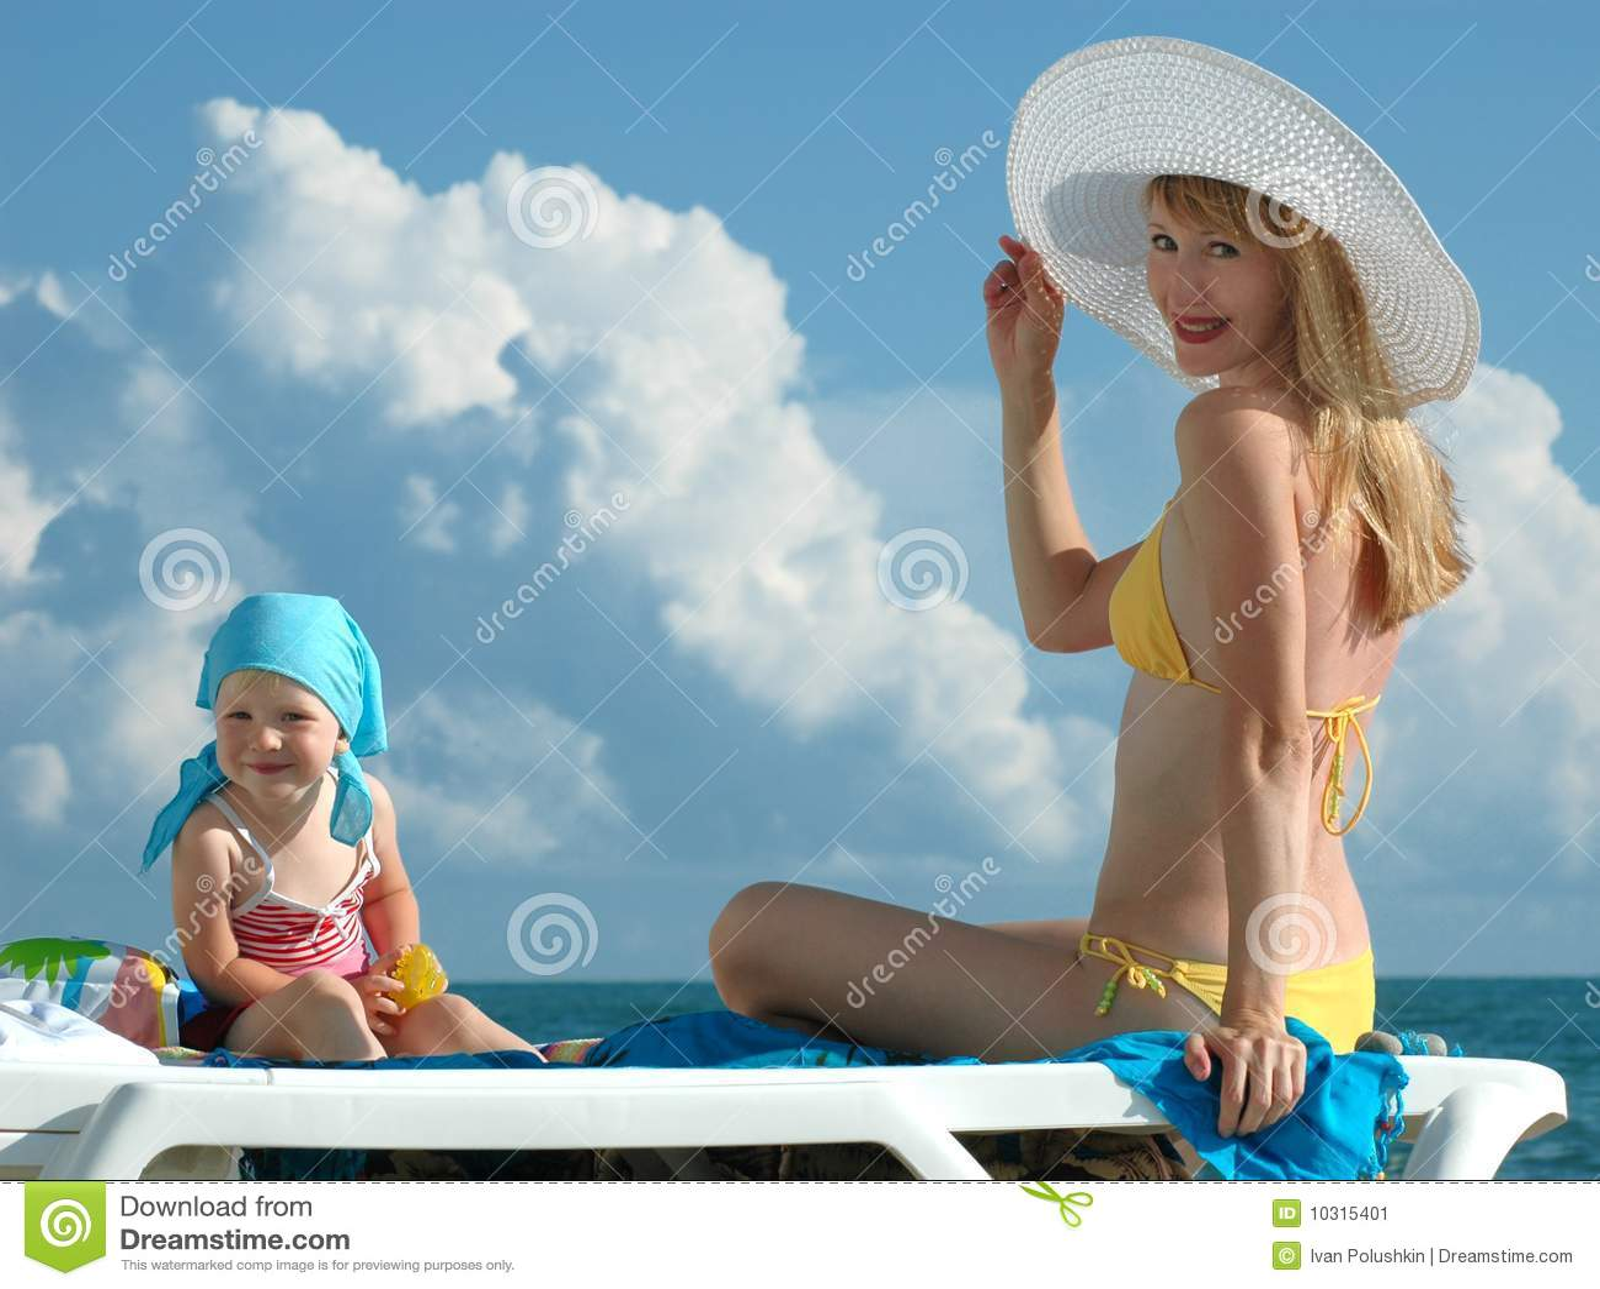 Фото с пляжей мам и дочек 20 фотография